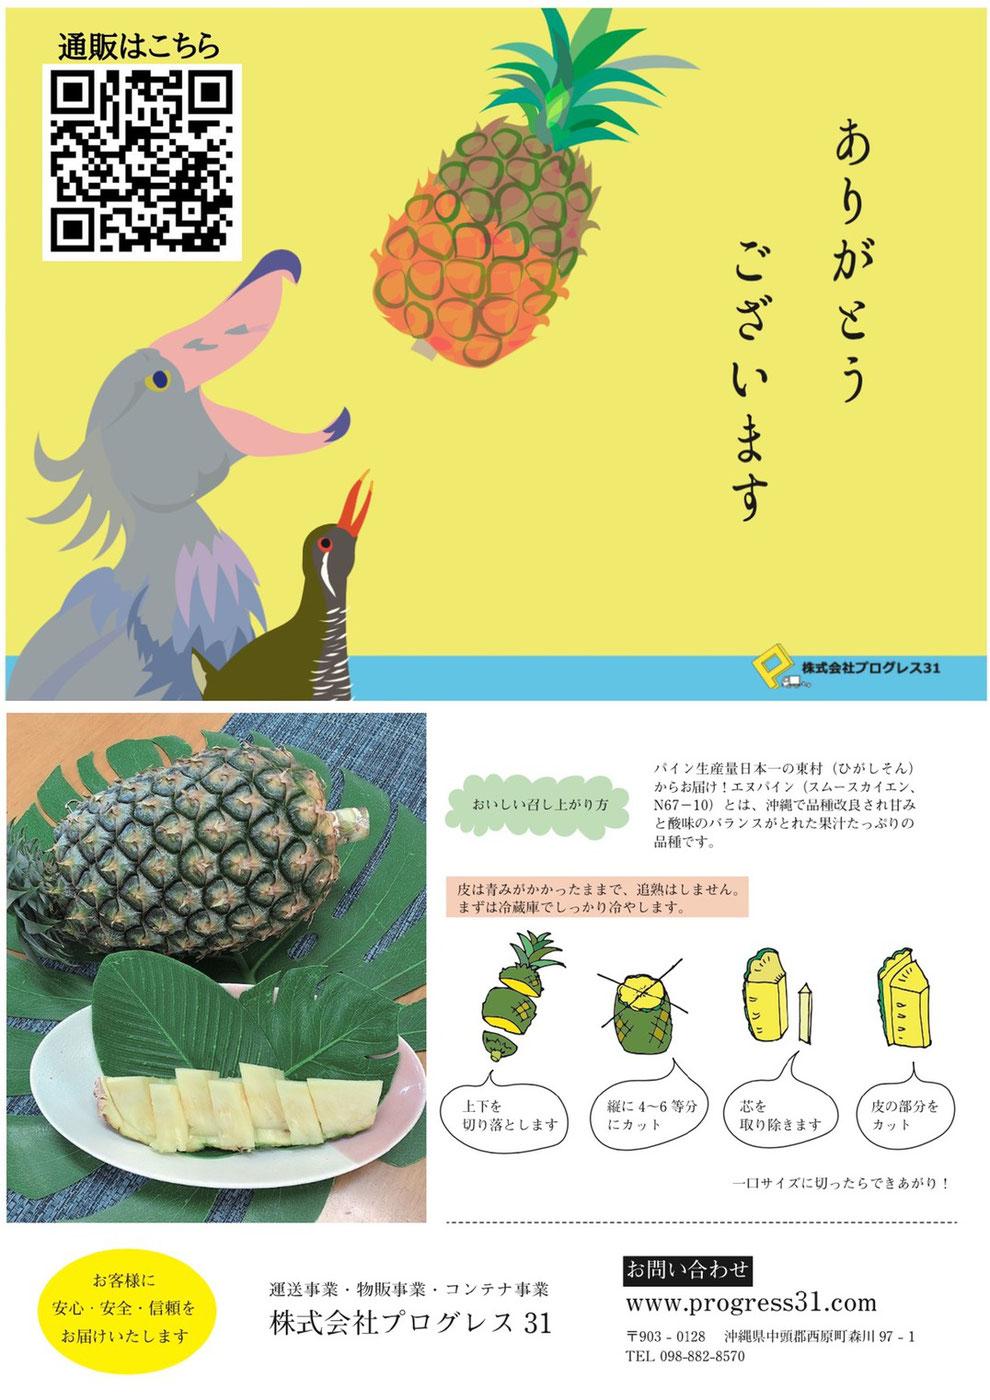 ピックアップ商品(東村直送!完全無農薬完熟パイン)